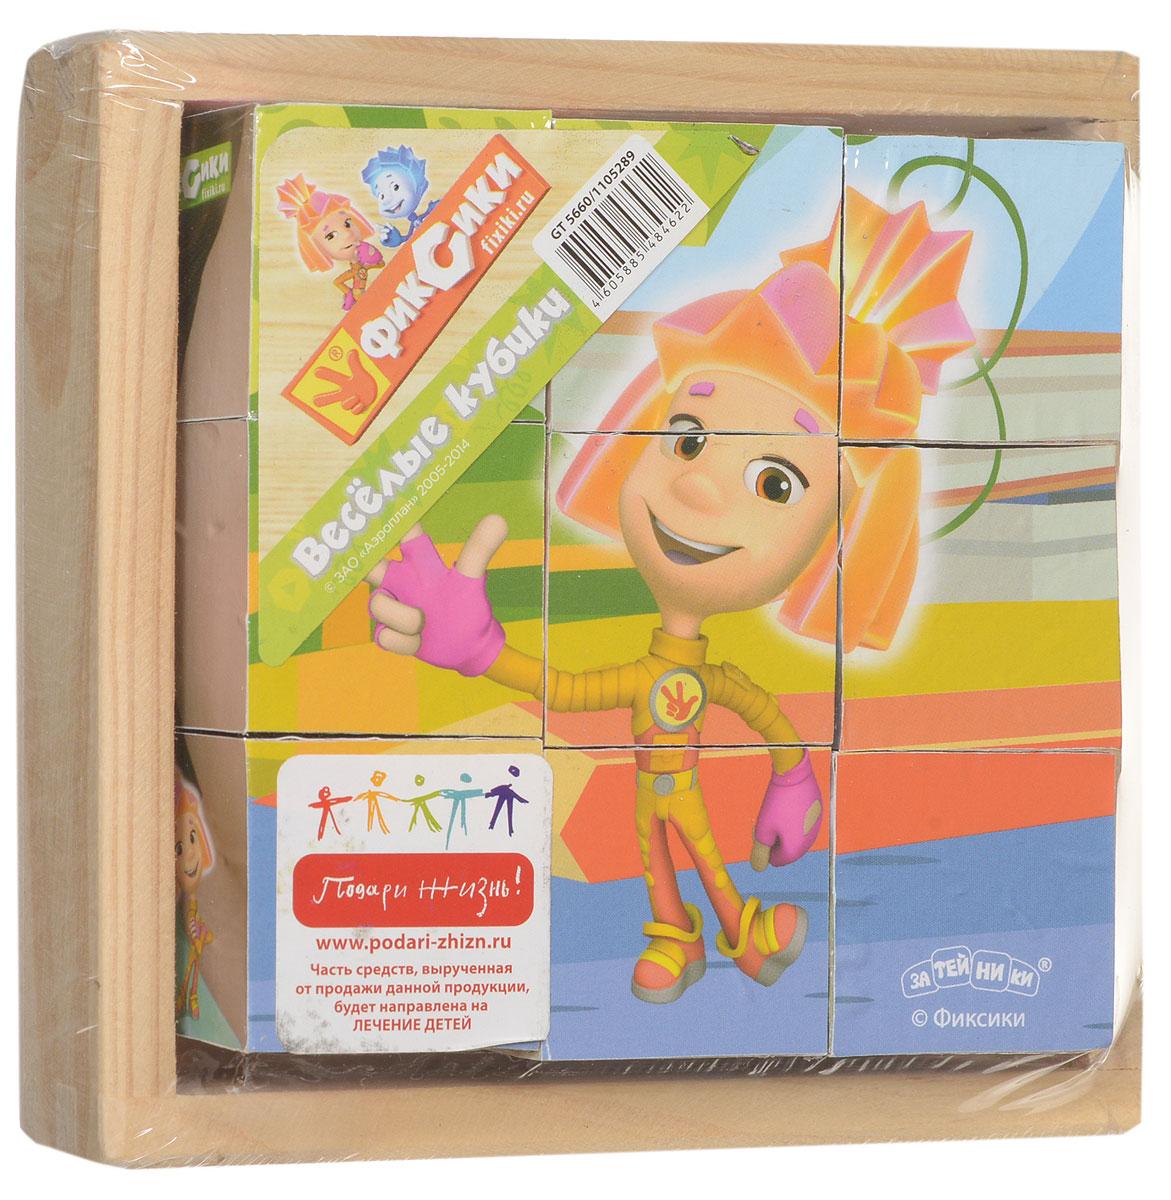 Фиксики Кубики1105289С помощью кубиков Фиксики ребенок сможет составить шесть разных картинок - сценок из мультфильма с любимыми персонажами. Игра с кубиками развивает зрительное восприятие, наблюдательность, мелкую моторику рук и произвольные движения. Ребенок научится складывать целостный образ из частей, определять недостающие детали изображения. Это прекрасный комплект для развлечения и времяпрепровождения с пользой для малыша. В комплект входят 9 кубиков и основа.